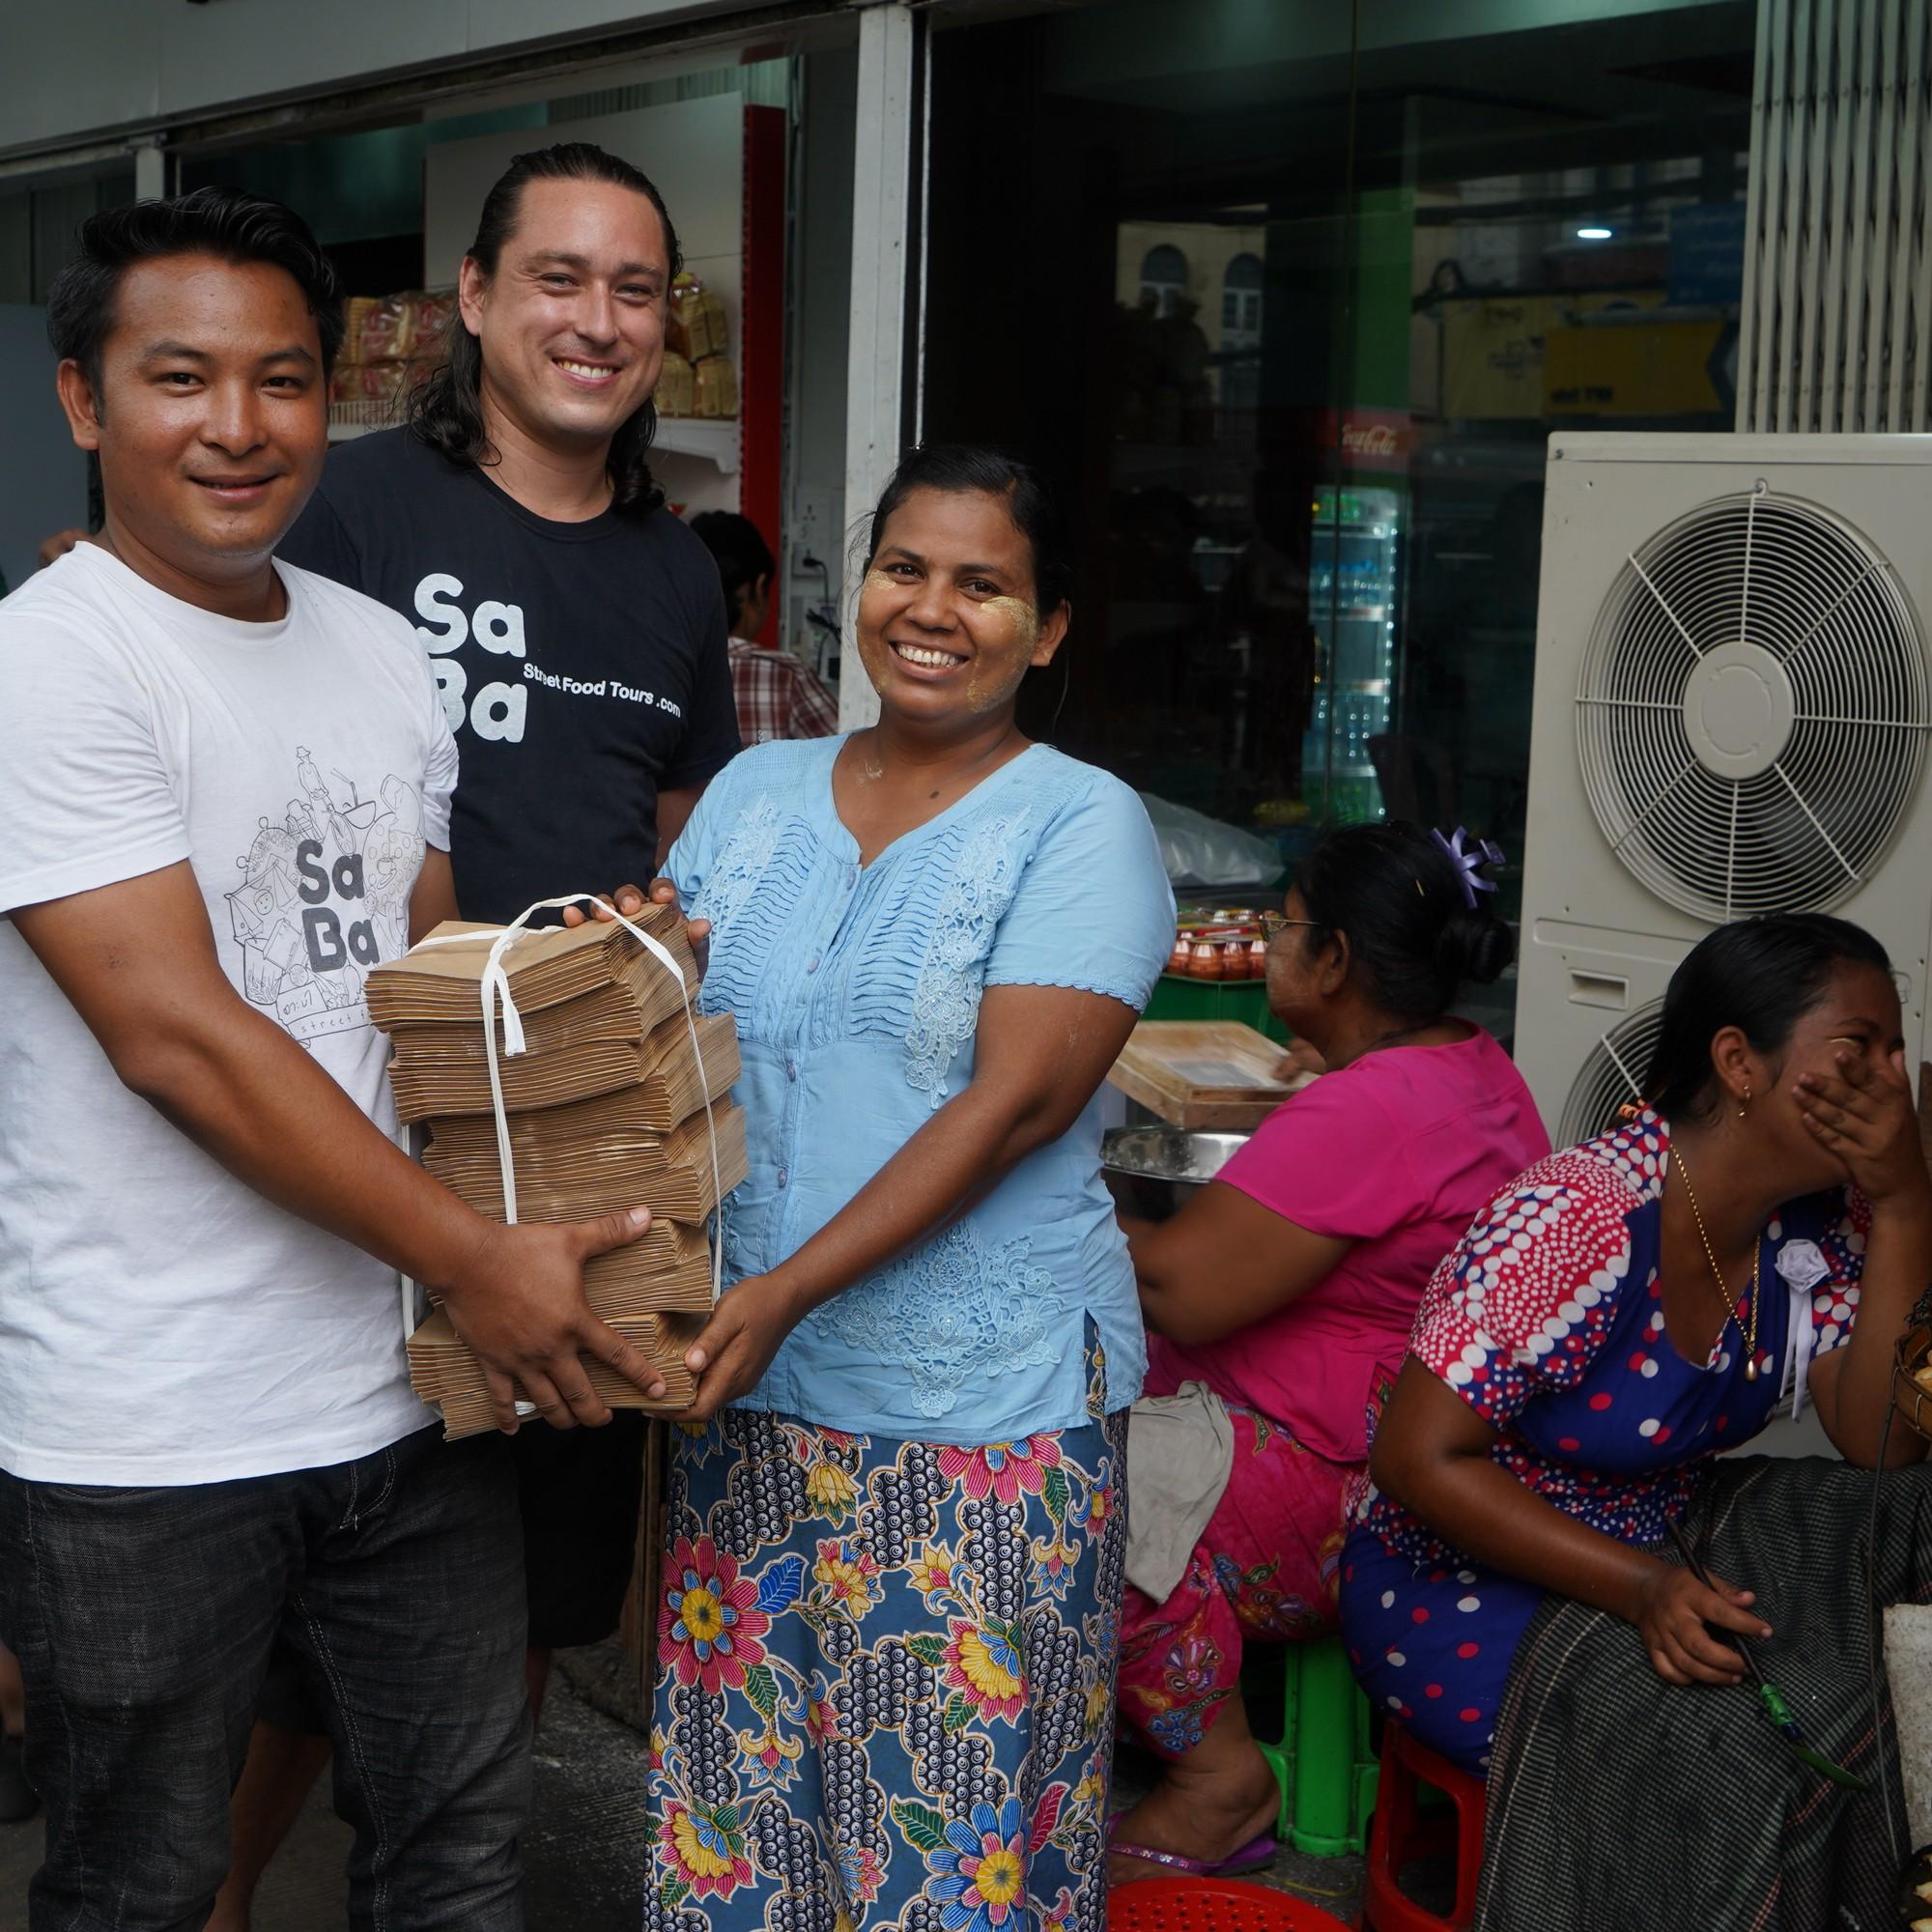 Ban plastic bags in Yangon